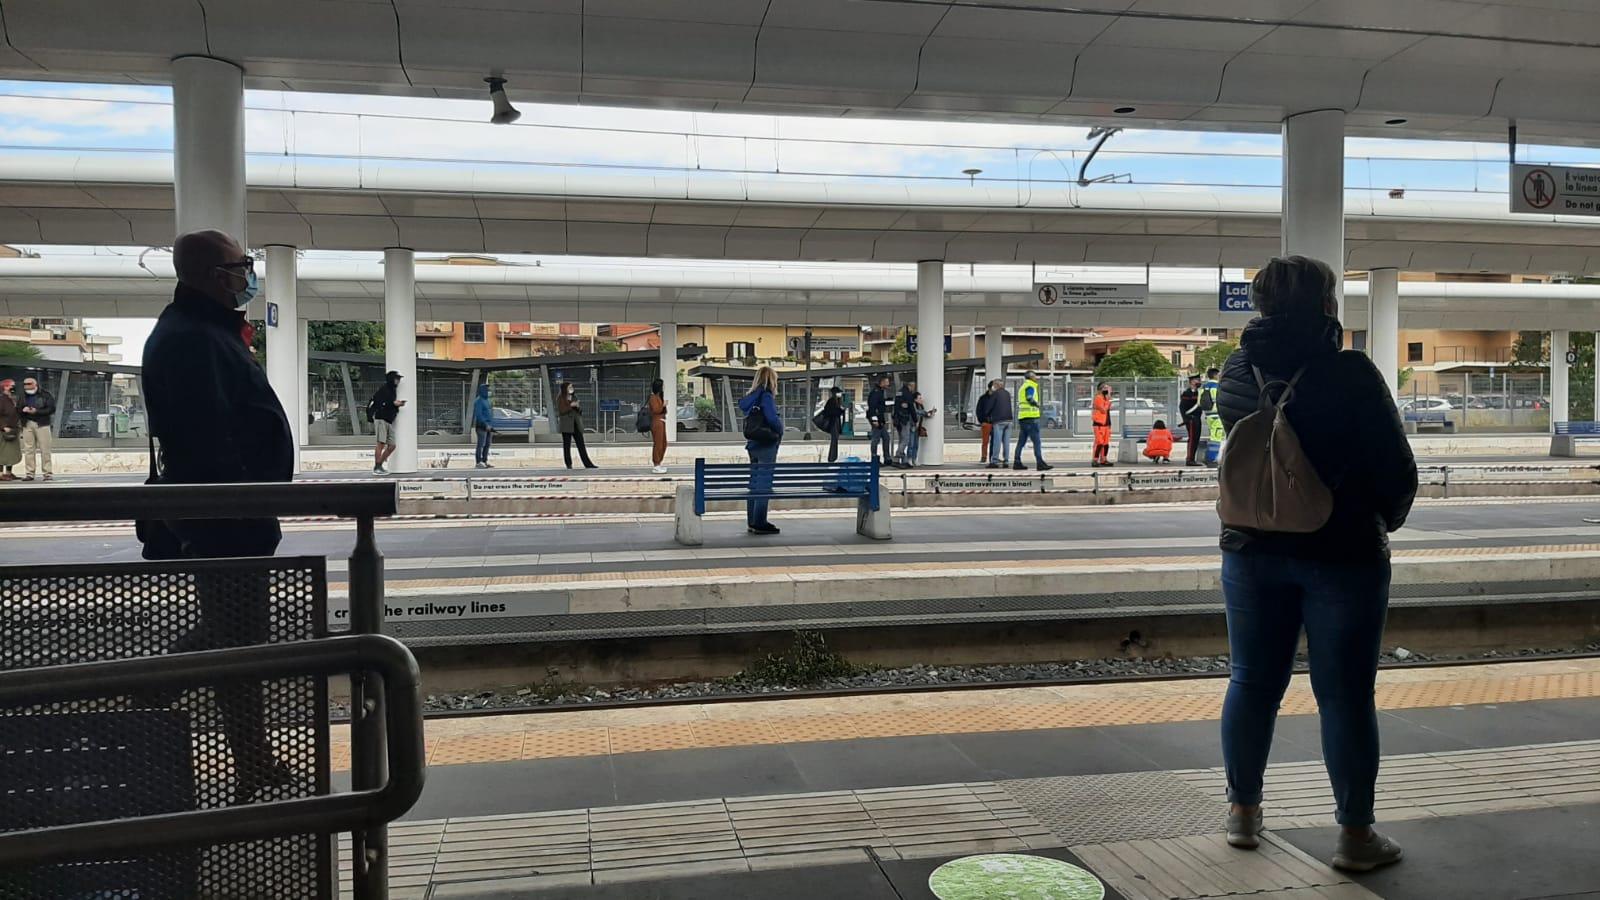 Treno investe 61enne a Ladispoli: morto sul colpo. Taffico ferroviario bloccato sulla linea Fl5 Roma Civitavecchia